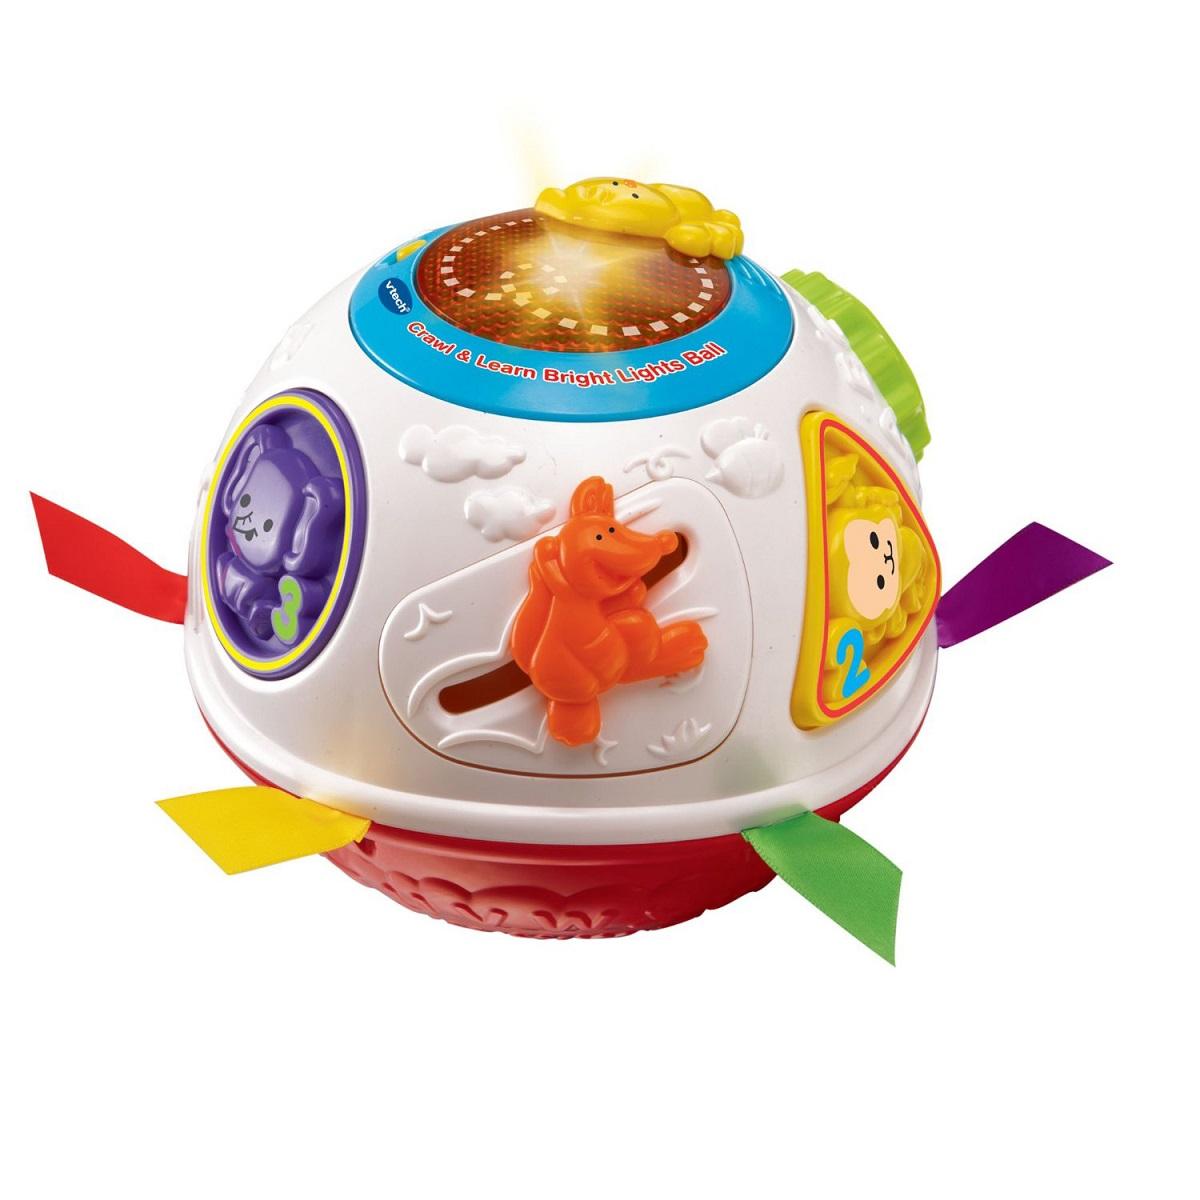 Вращающийся и обучающий разноцветный мяч со световыми и звуковыми эффектамиРазвивающие игрушки Vtech<br>Вращающийся и обучающий разноцветный мяч со световыми и звуковыми эффектами<br>